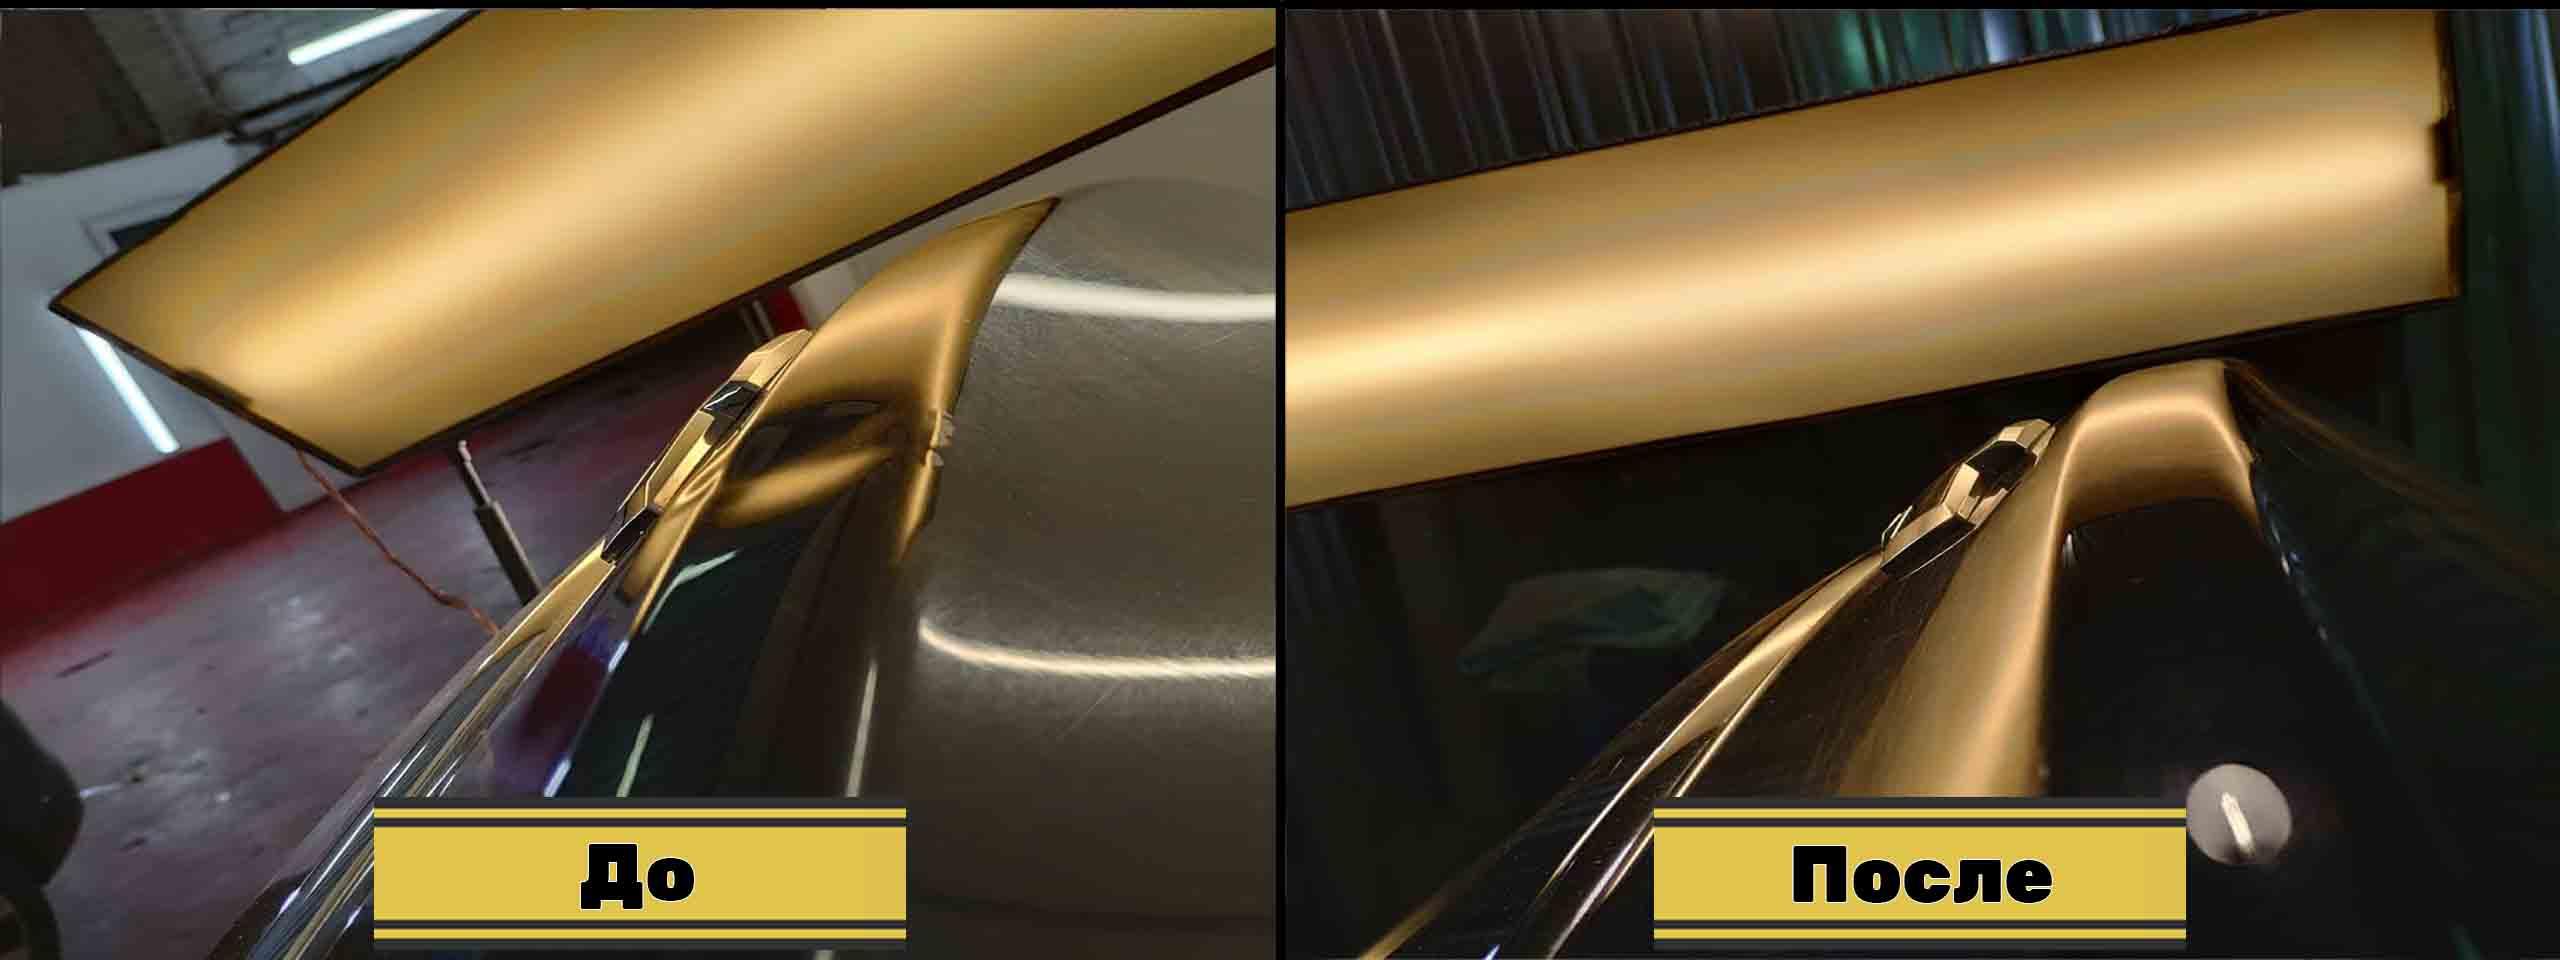 Удаление вмятин без покраски на багажнике Шевроле Круз до/после